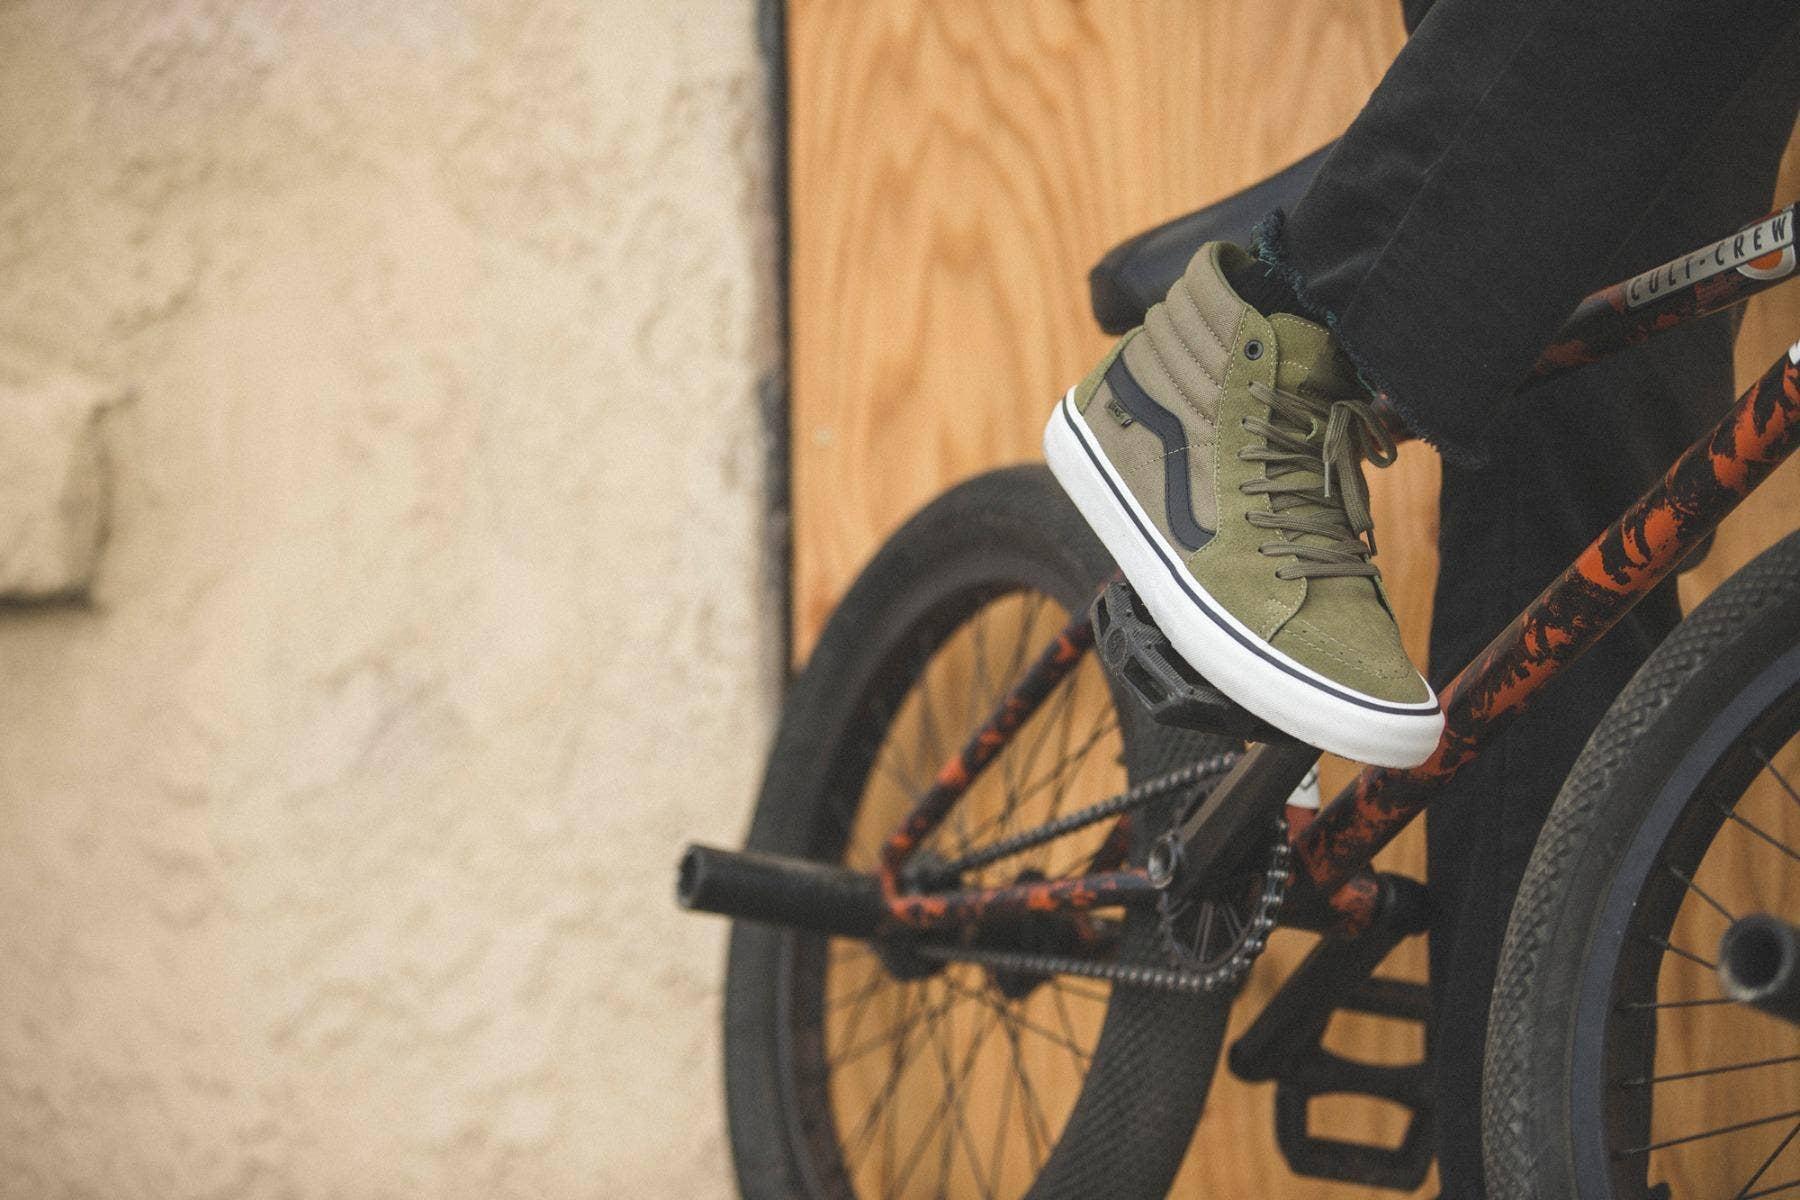 vans bmx pro shoes